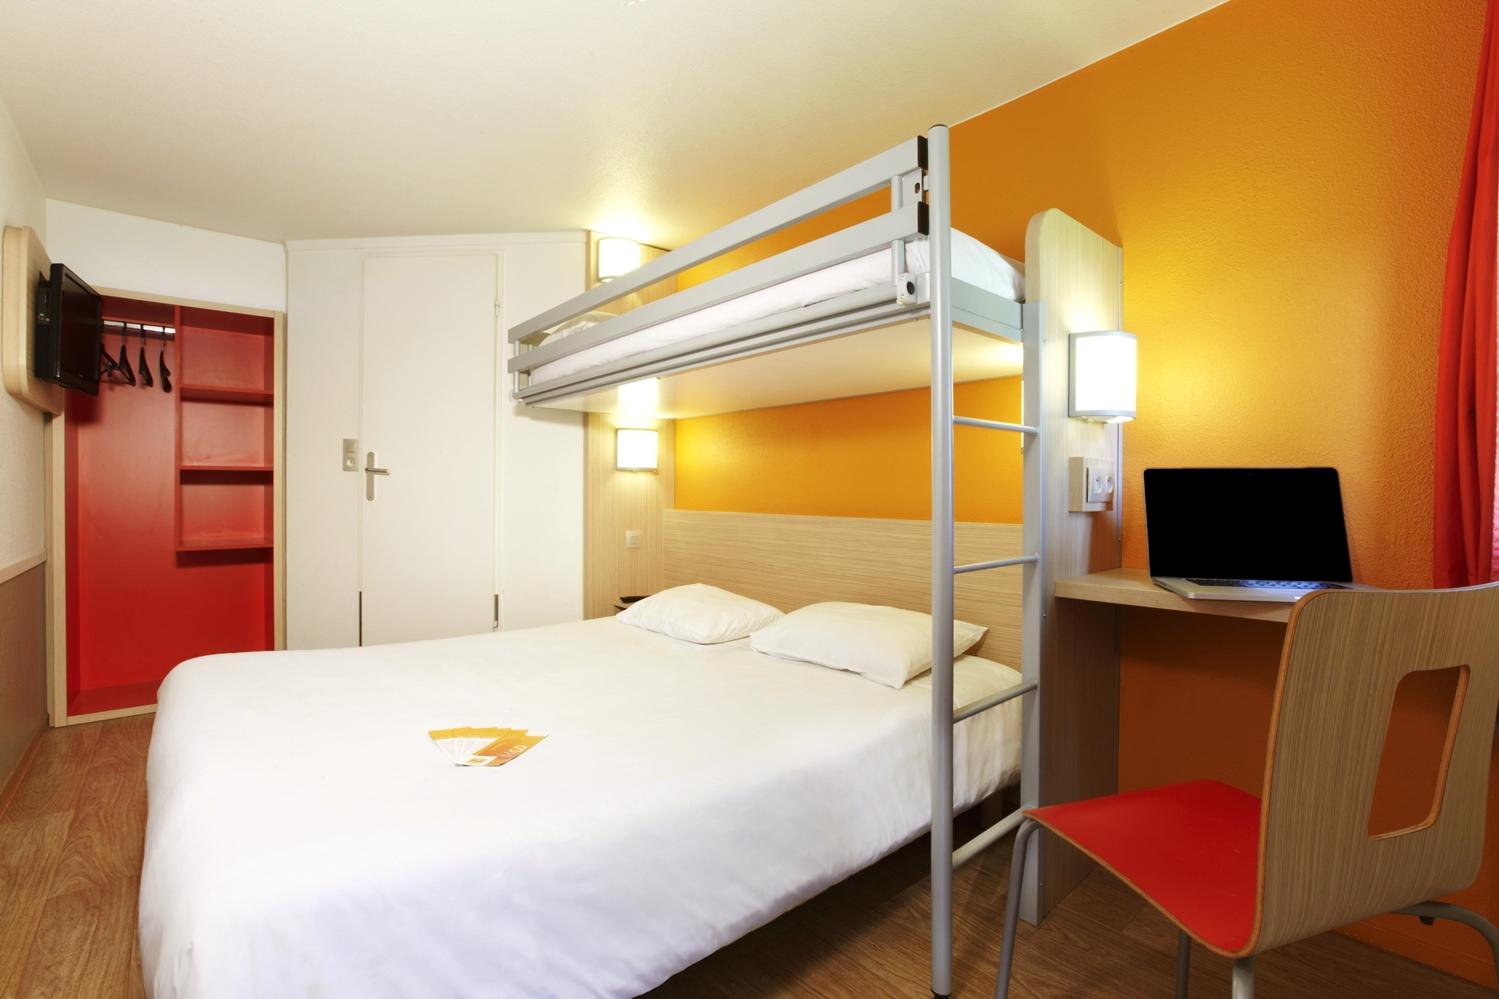 HOTEL PREMIERE CLASSE LILLE - Villeneuve d'Ascq - Stade Pierre Mauroy